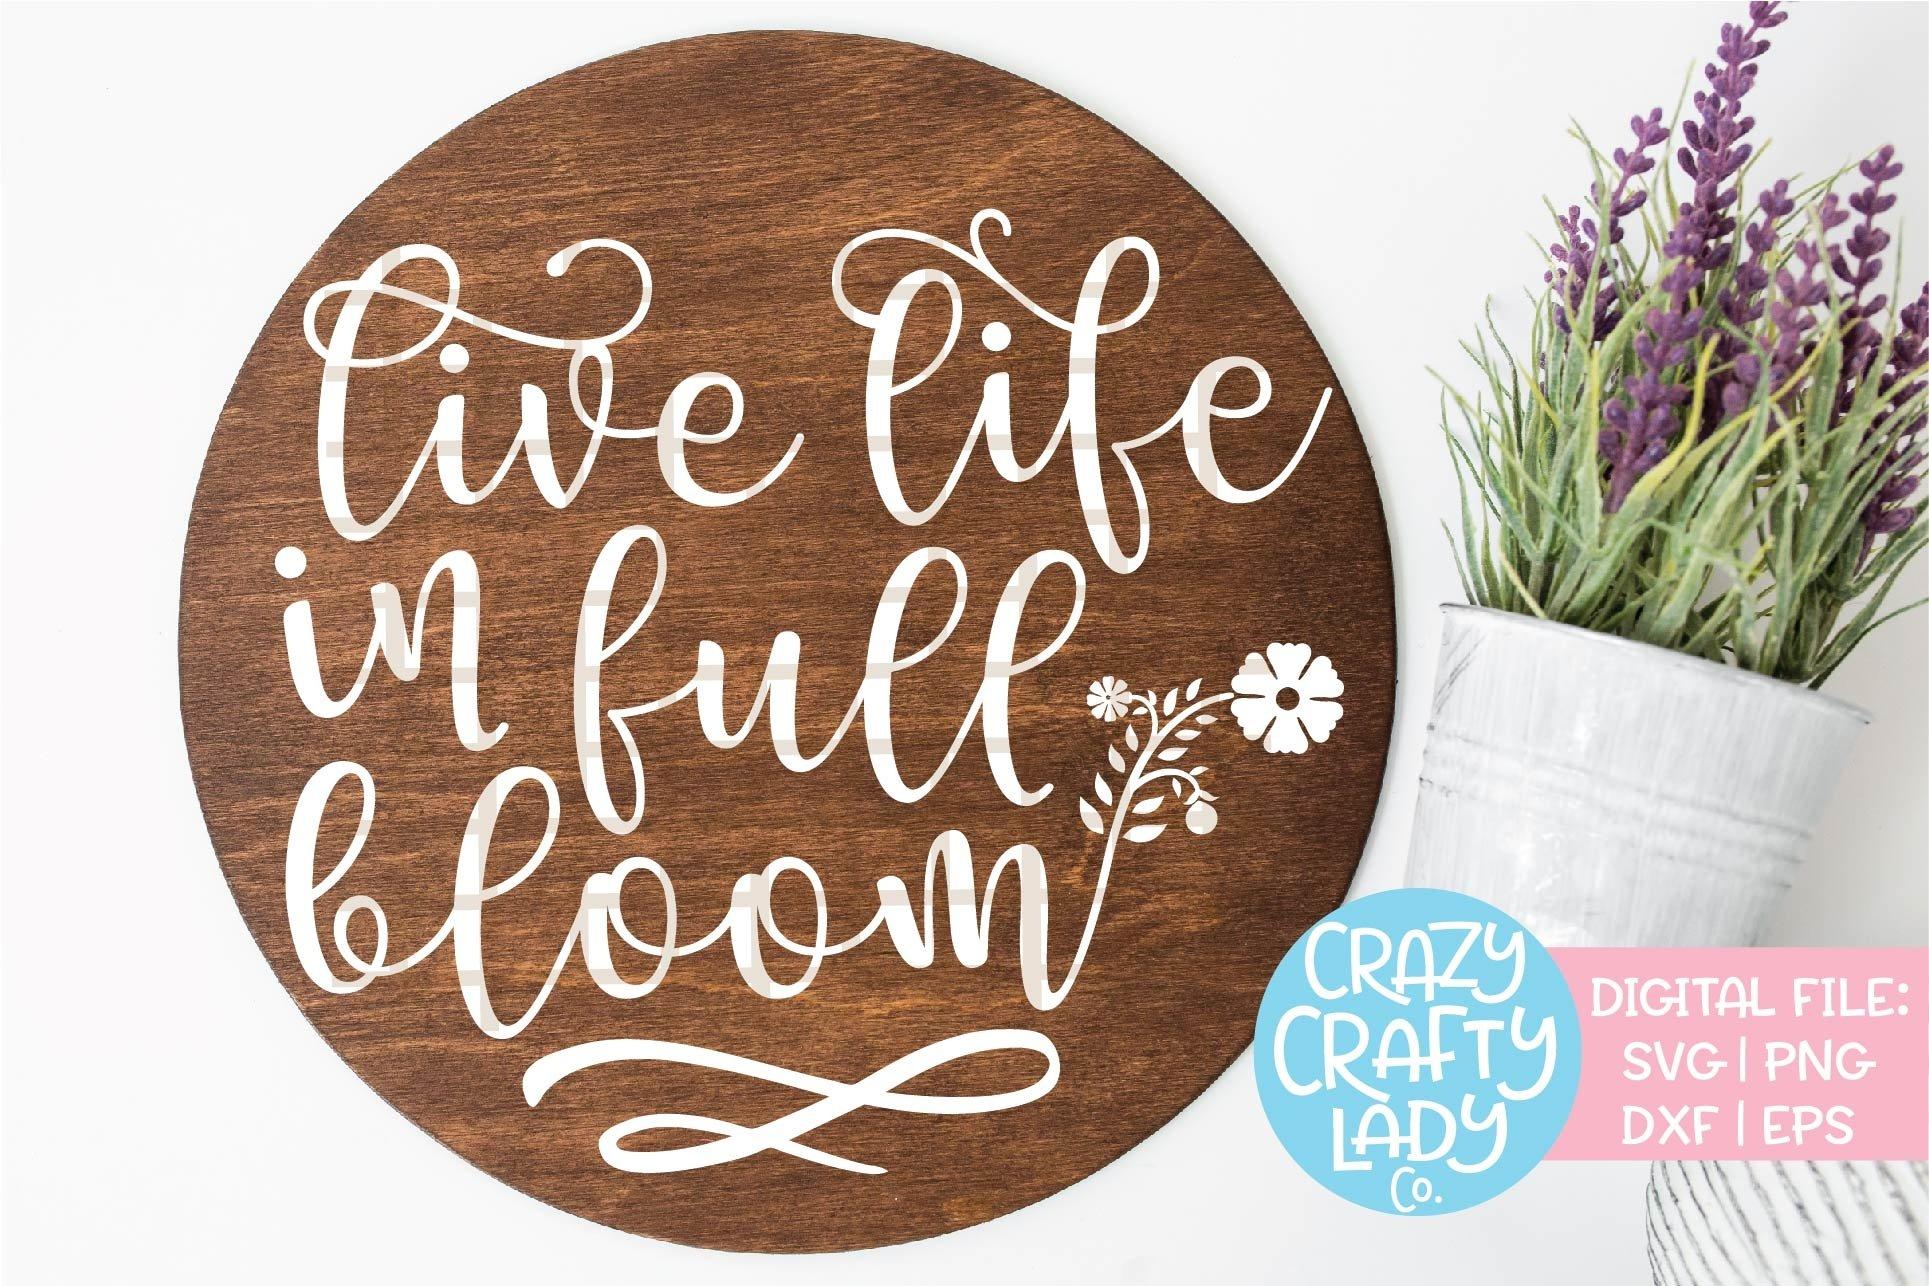 Live Life In Full Bloom Spring Svg Dxf Eps Png Cut File 193362 Cut Files Design Bundles